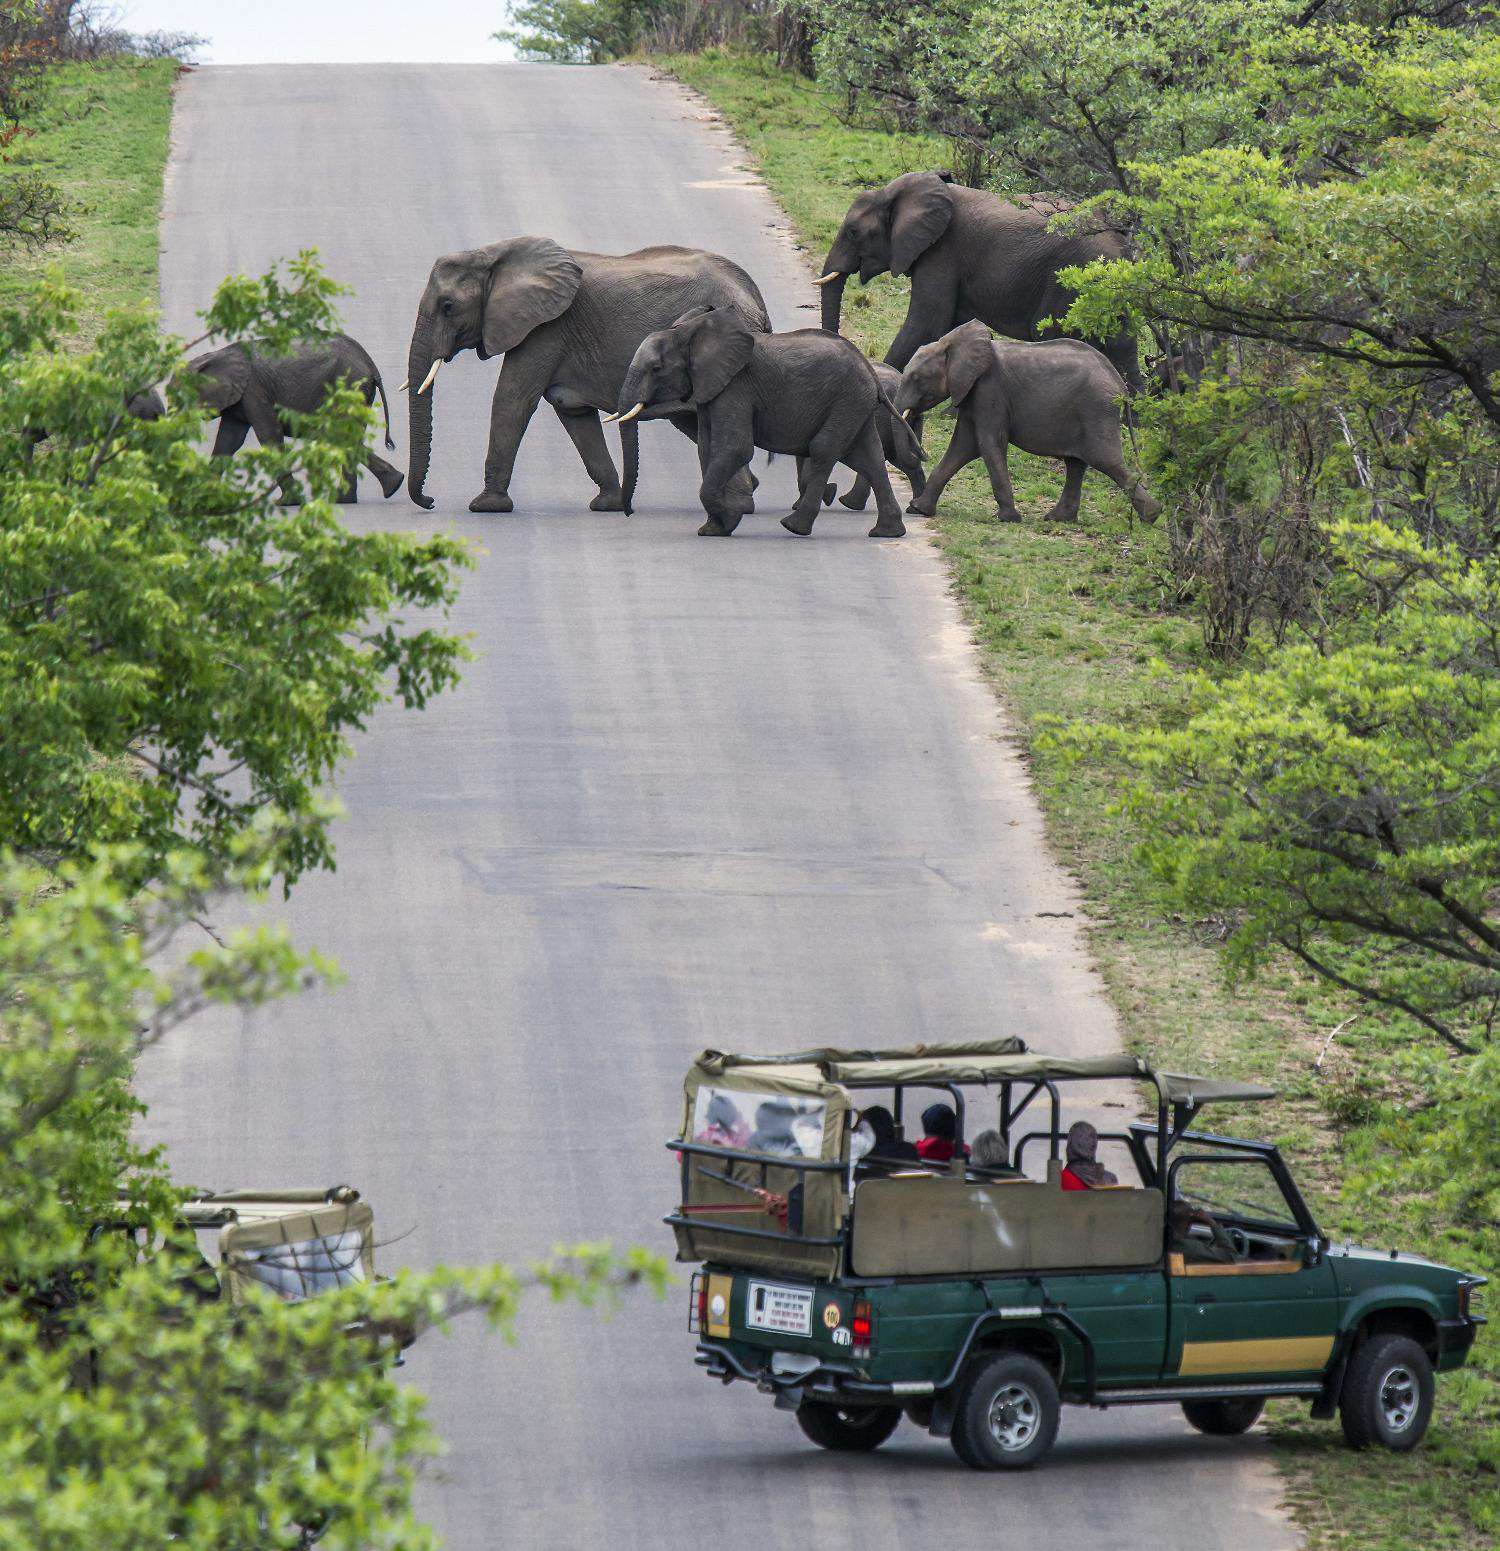 Zanzibar Activities in Tanzania